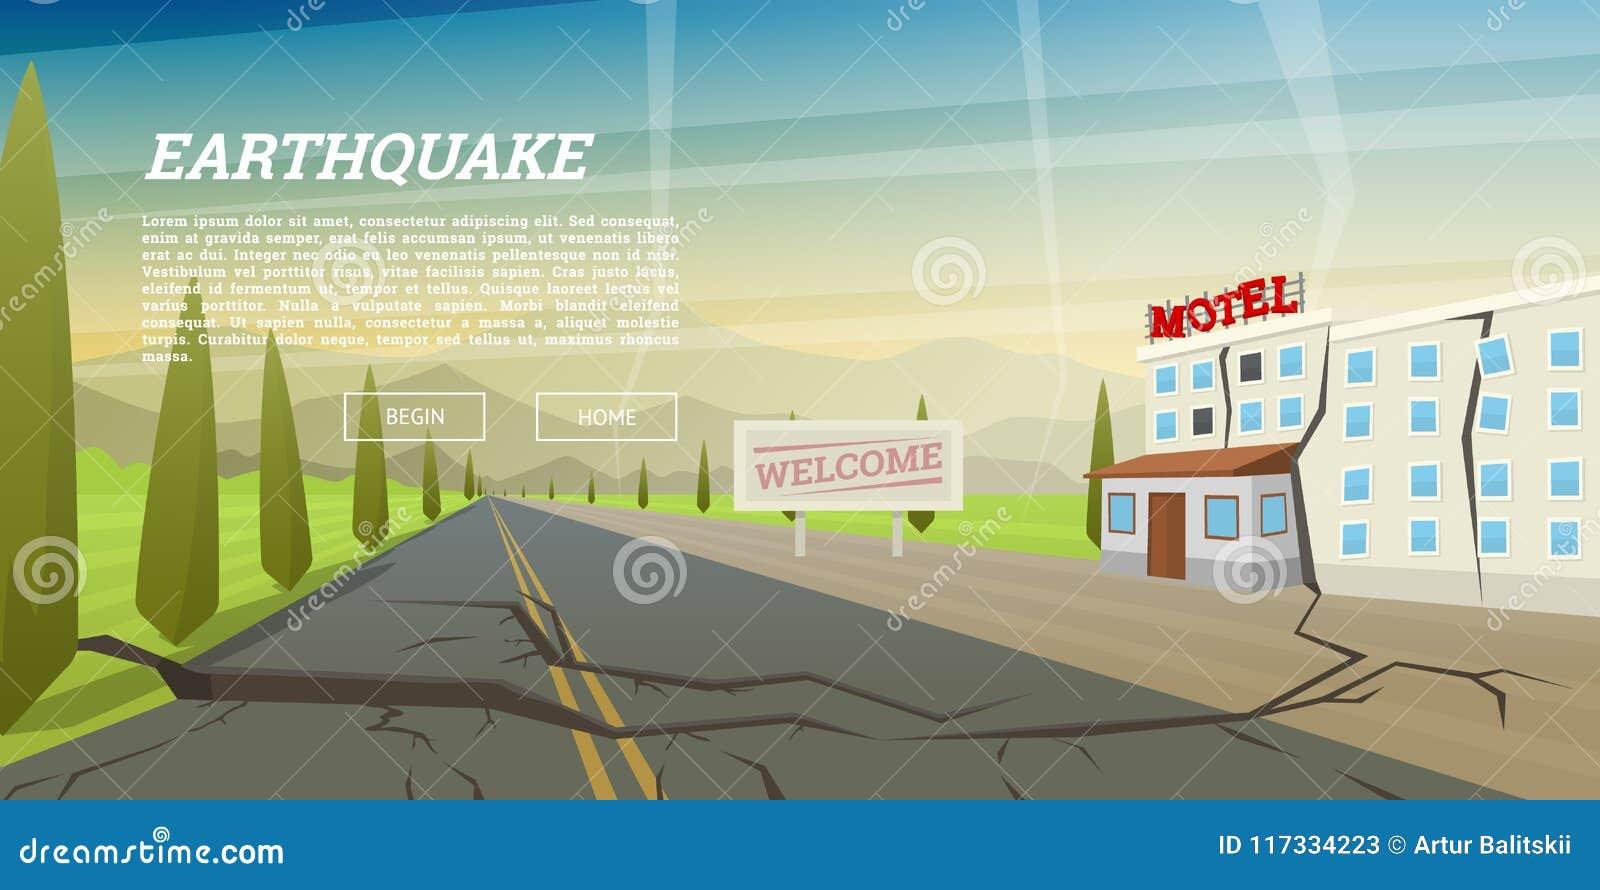 Ρεαλιστικός σεισμός με την επίγεια ρωγμή και το σπίτι με τη ρωγμή Φυσική καταστροφή ή κατακλυσμός, καταστροφή και